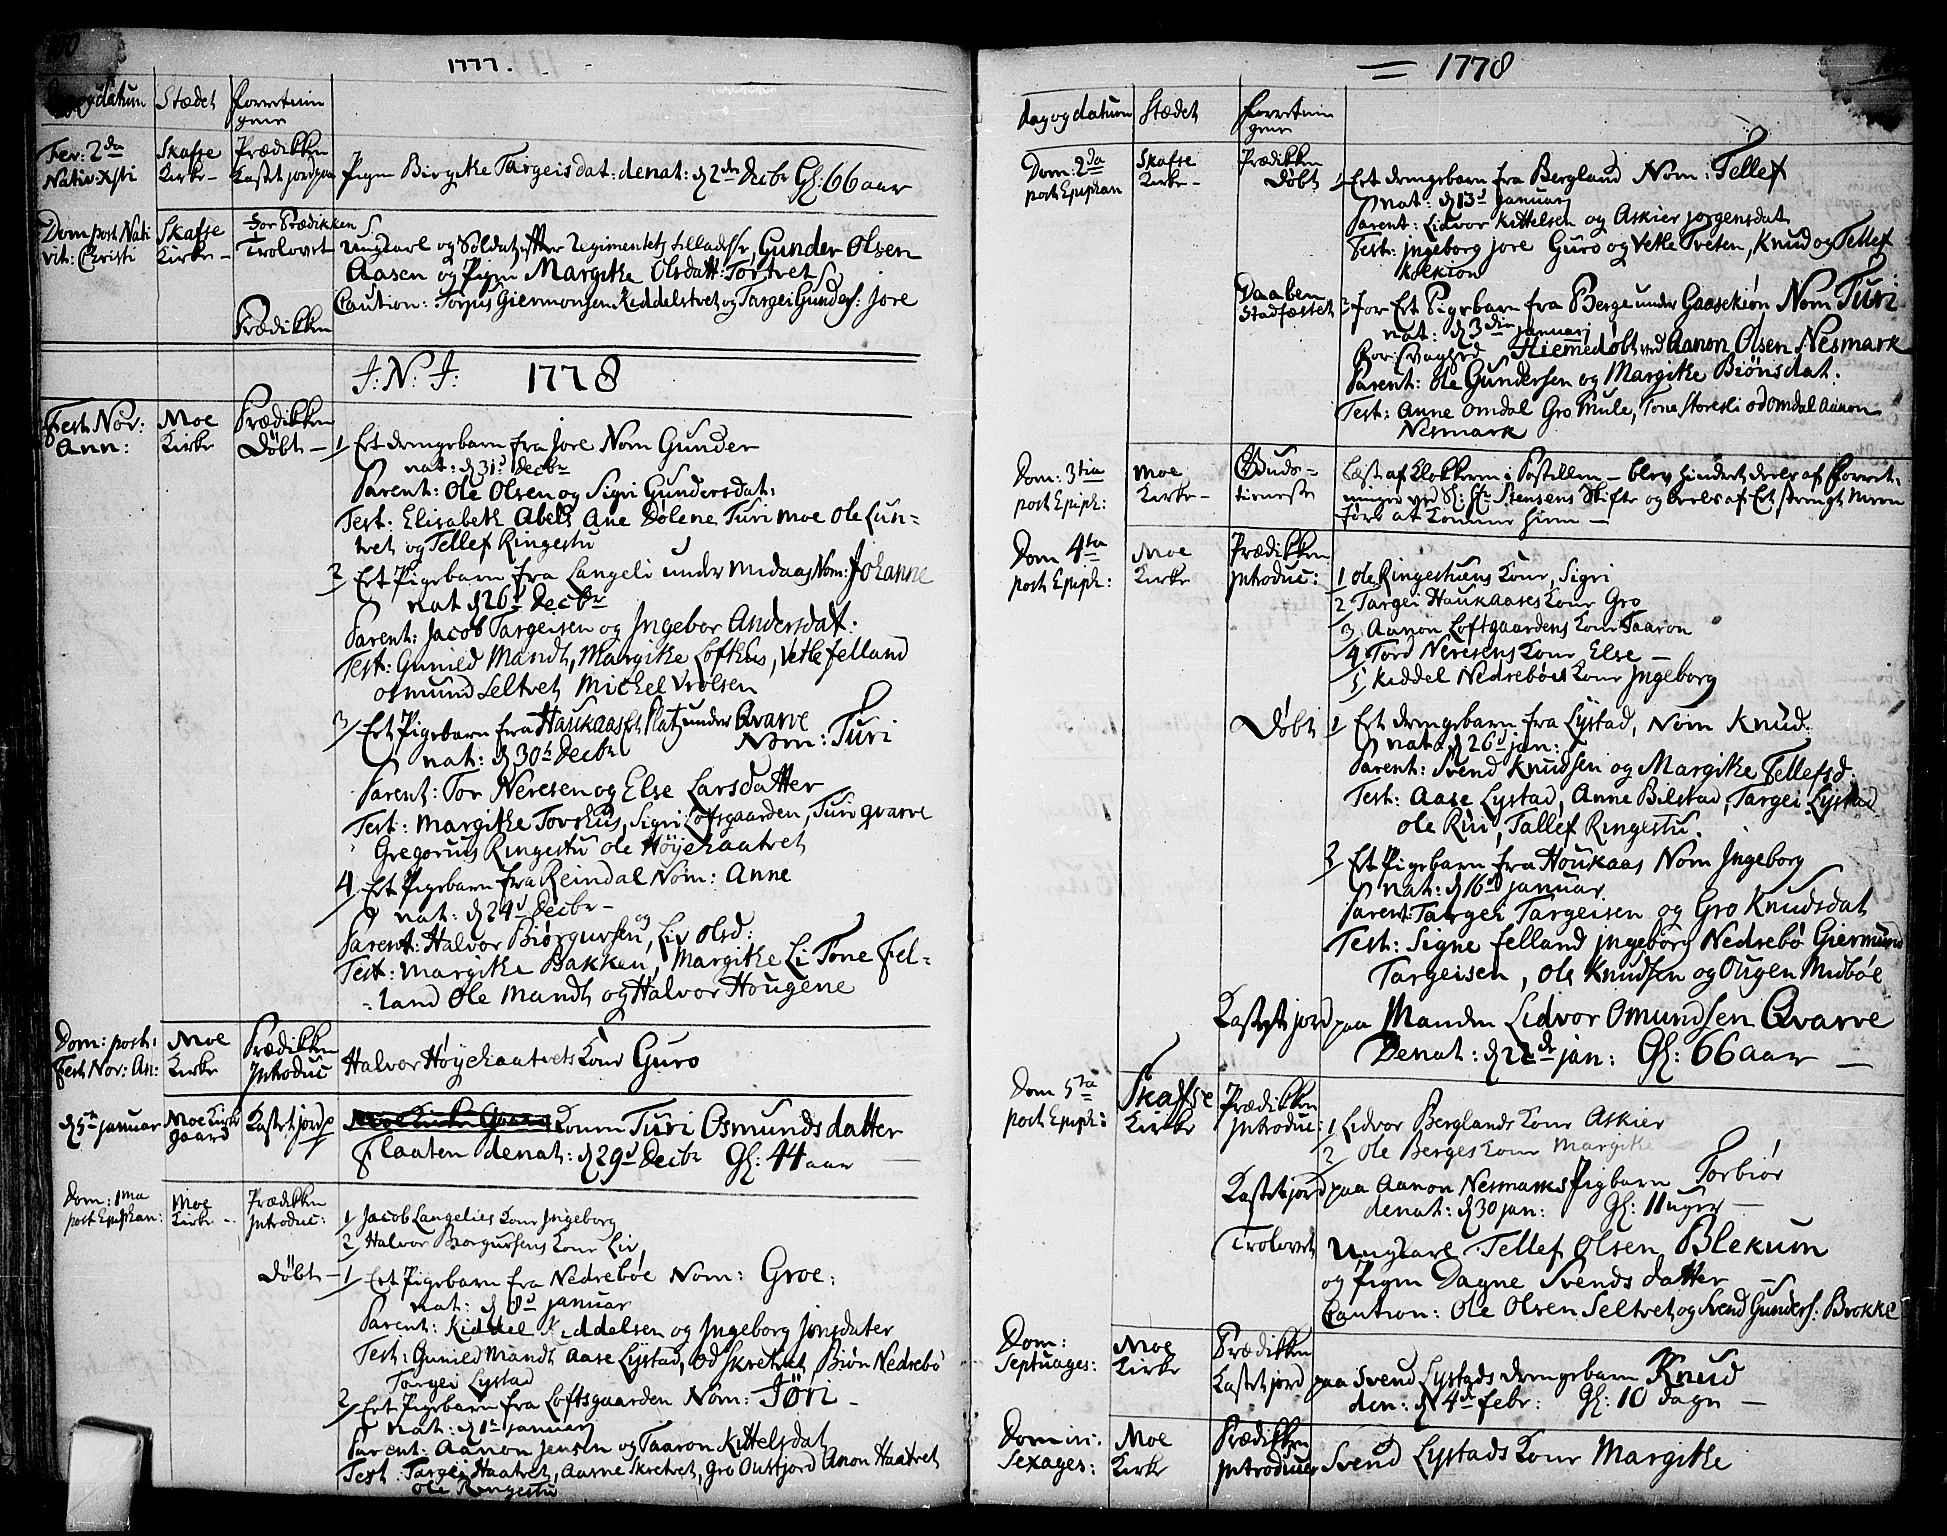 SAKO, Mo kirkebøker, F/Fa/L0002: Ministerialbok nr. I 2, 1766-1799, s. 100-101